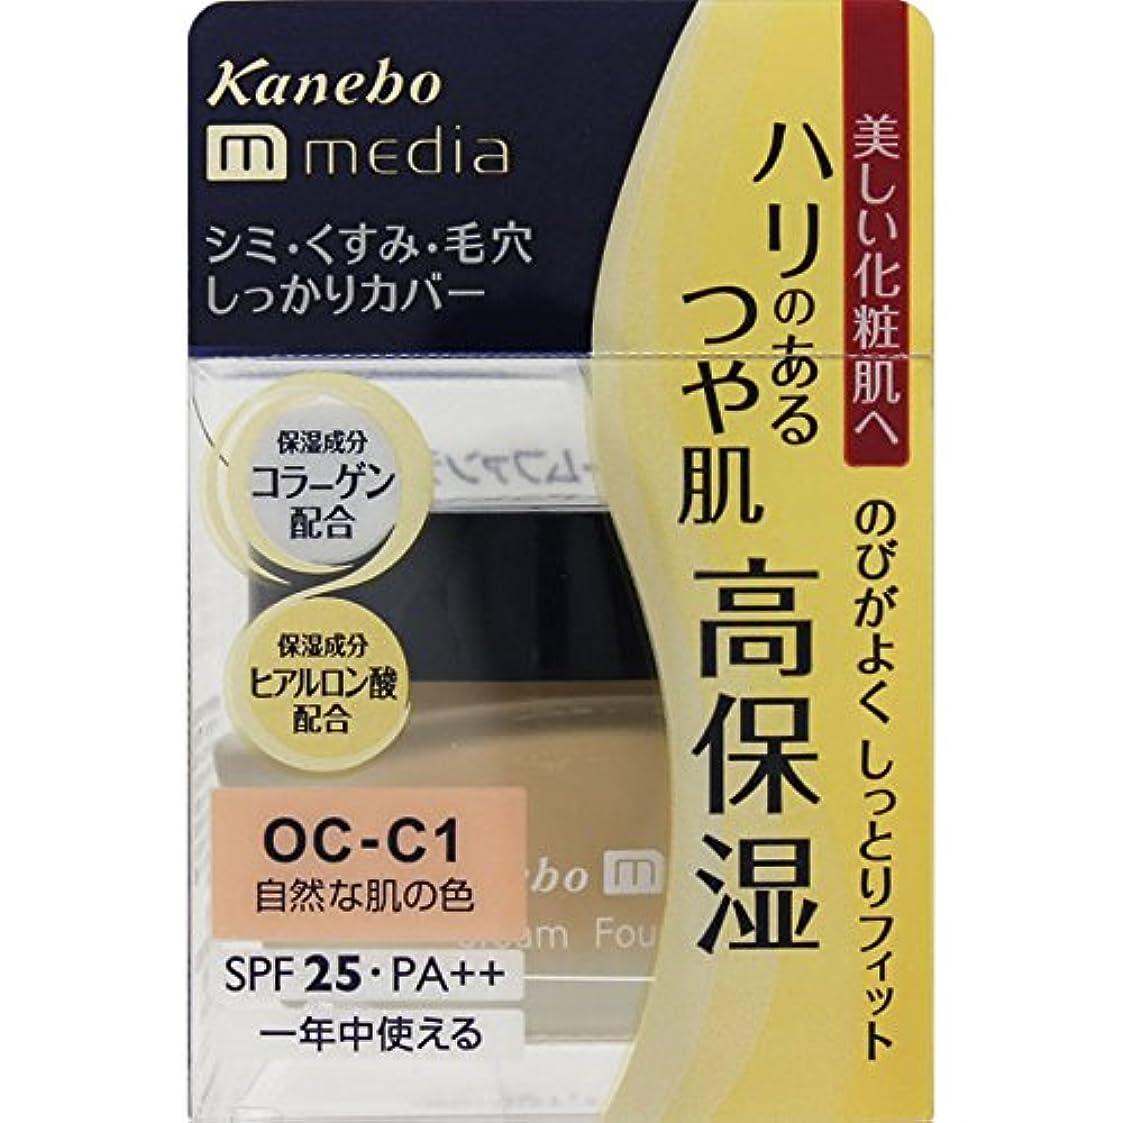 プレフィックスエンティティベースカネボウ media(メディア) クリームファンデーション OC-C1(自然な肌の色)